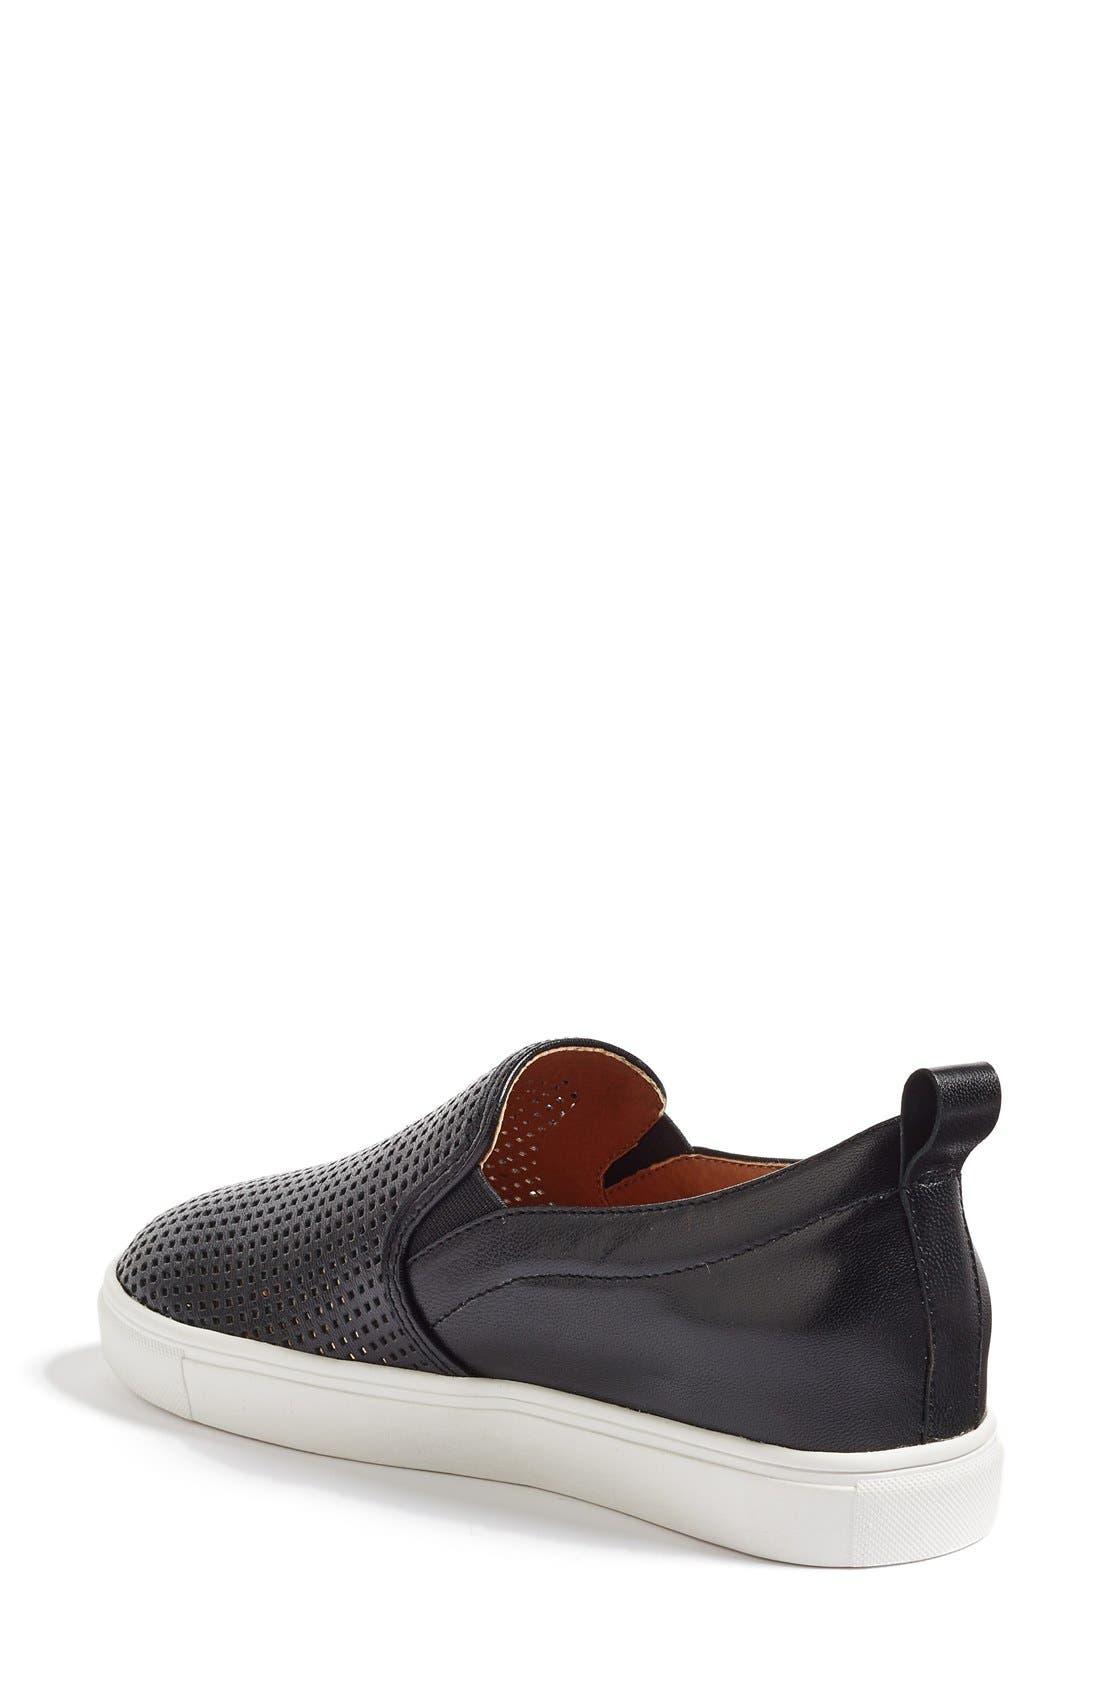 Eden Perforated Slip-On Sneaker,                             Alternate thumbnail 3, color,                             001